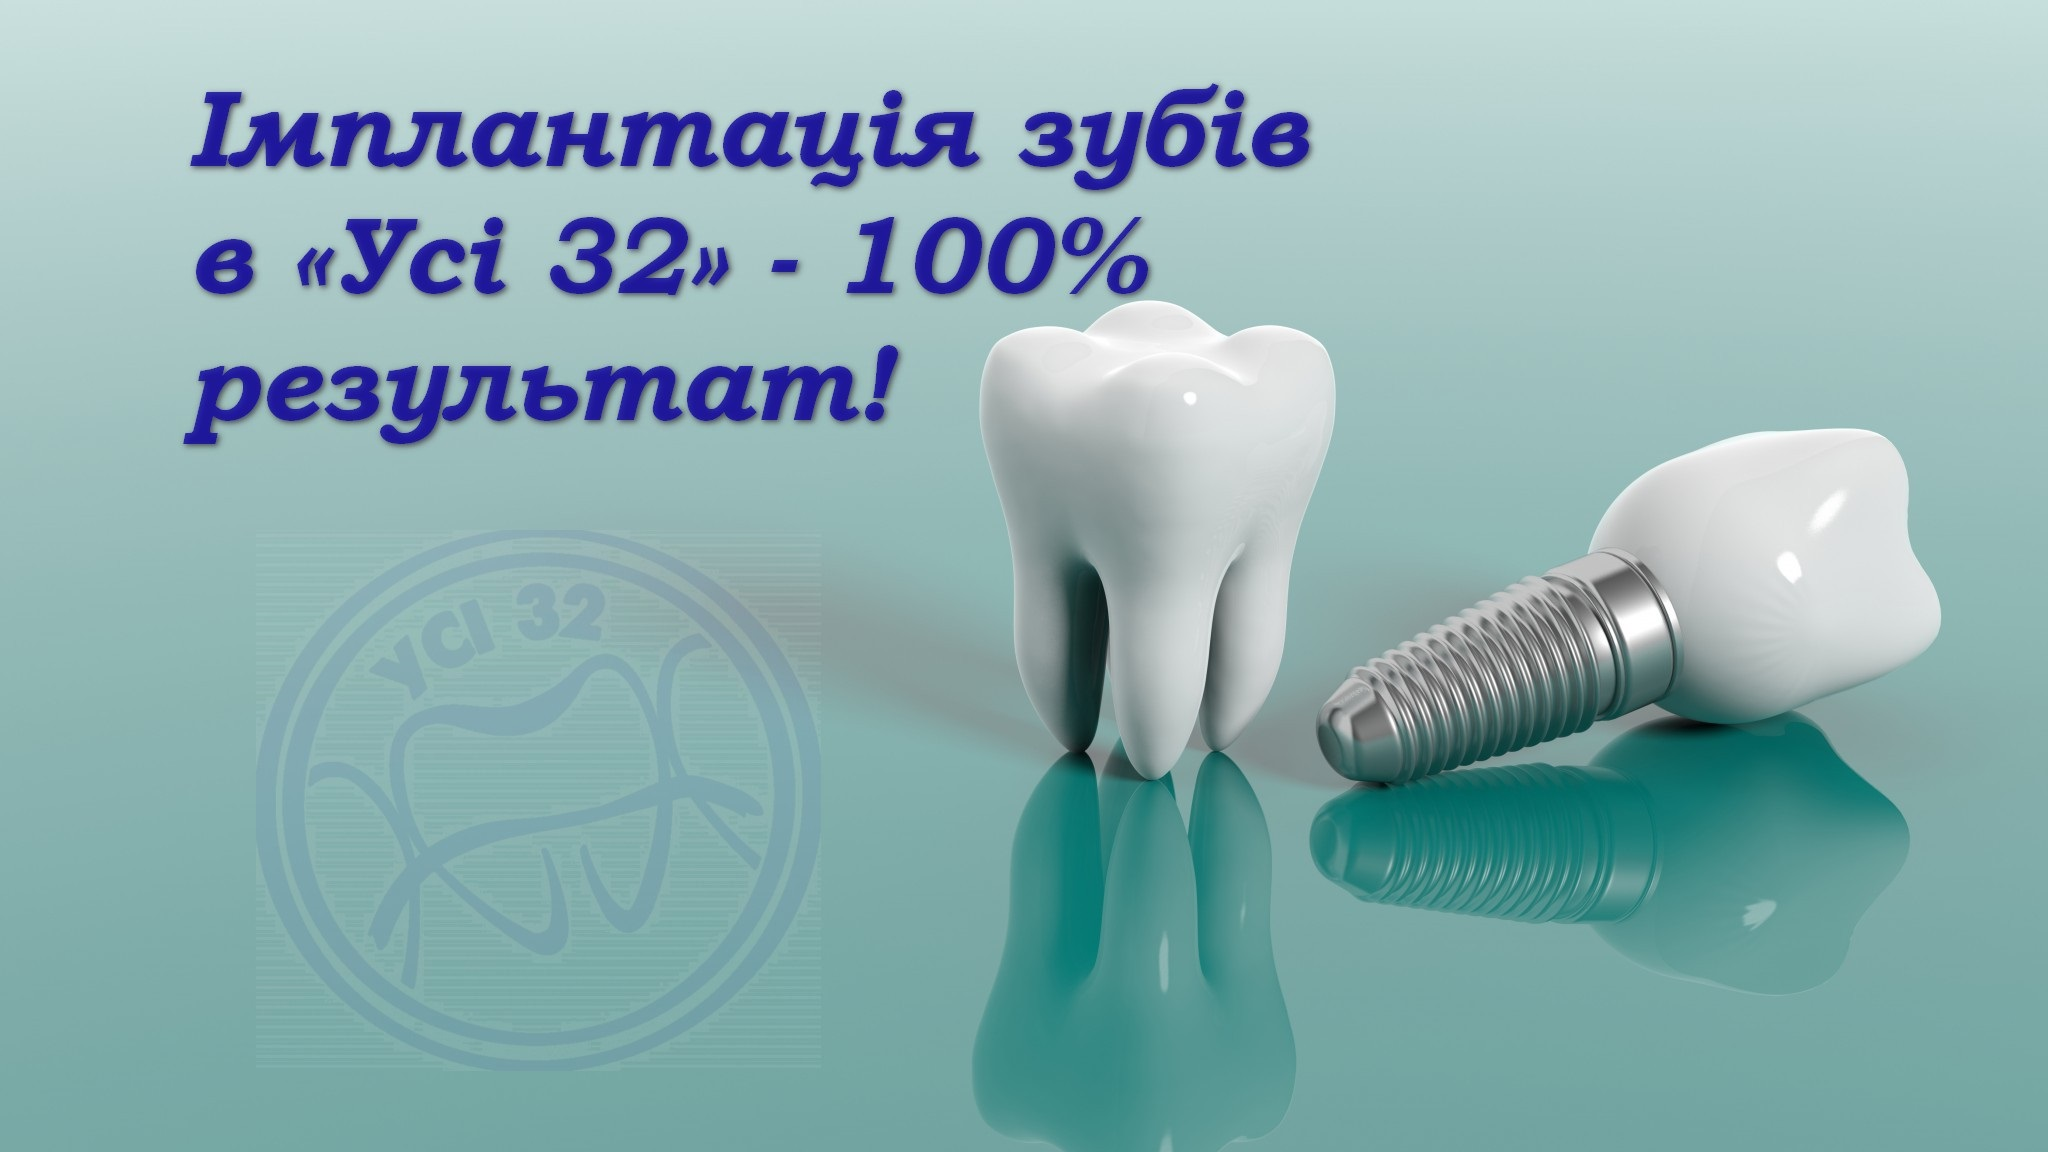 """Імплантація зубів в клініці """"Усі 32"""" - 100% результат!"""